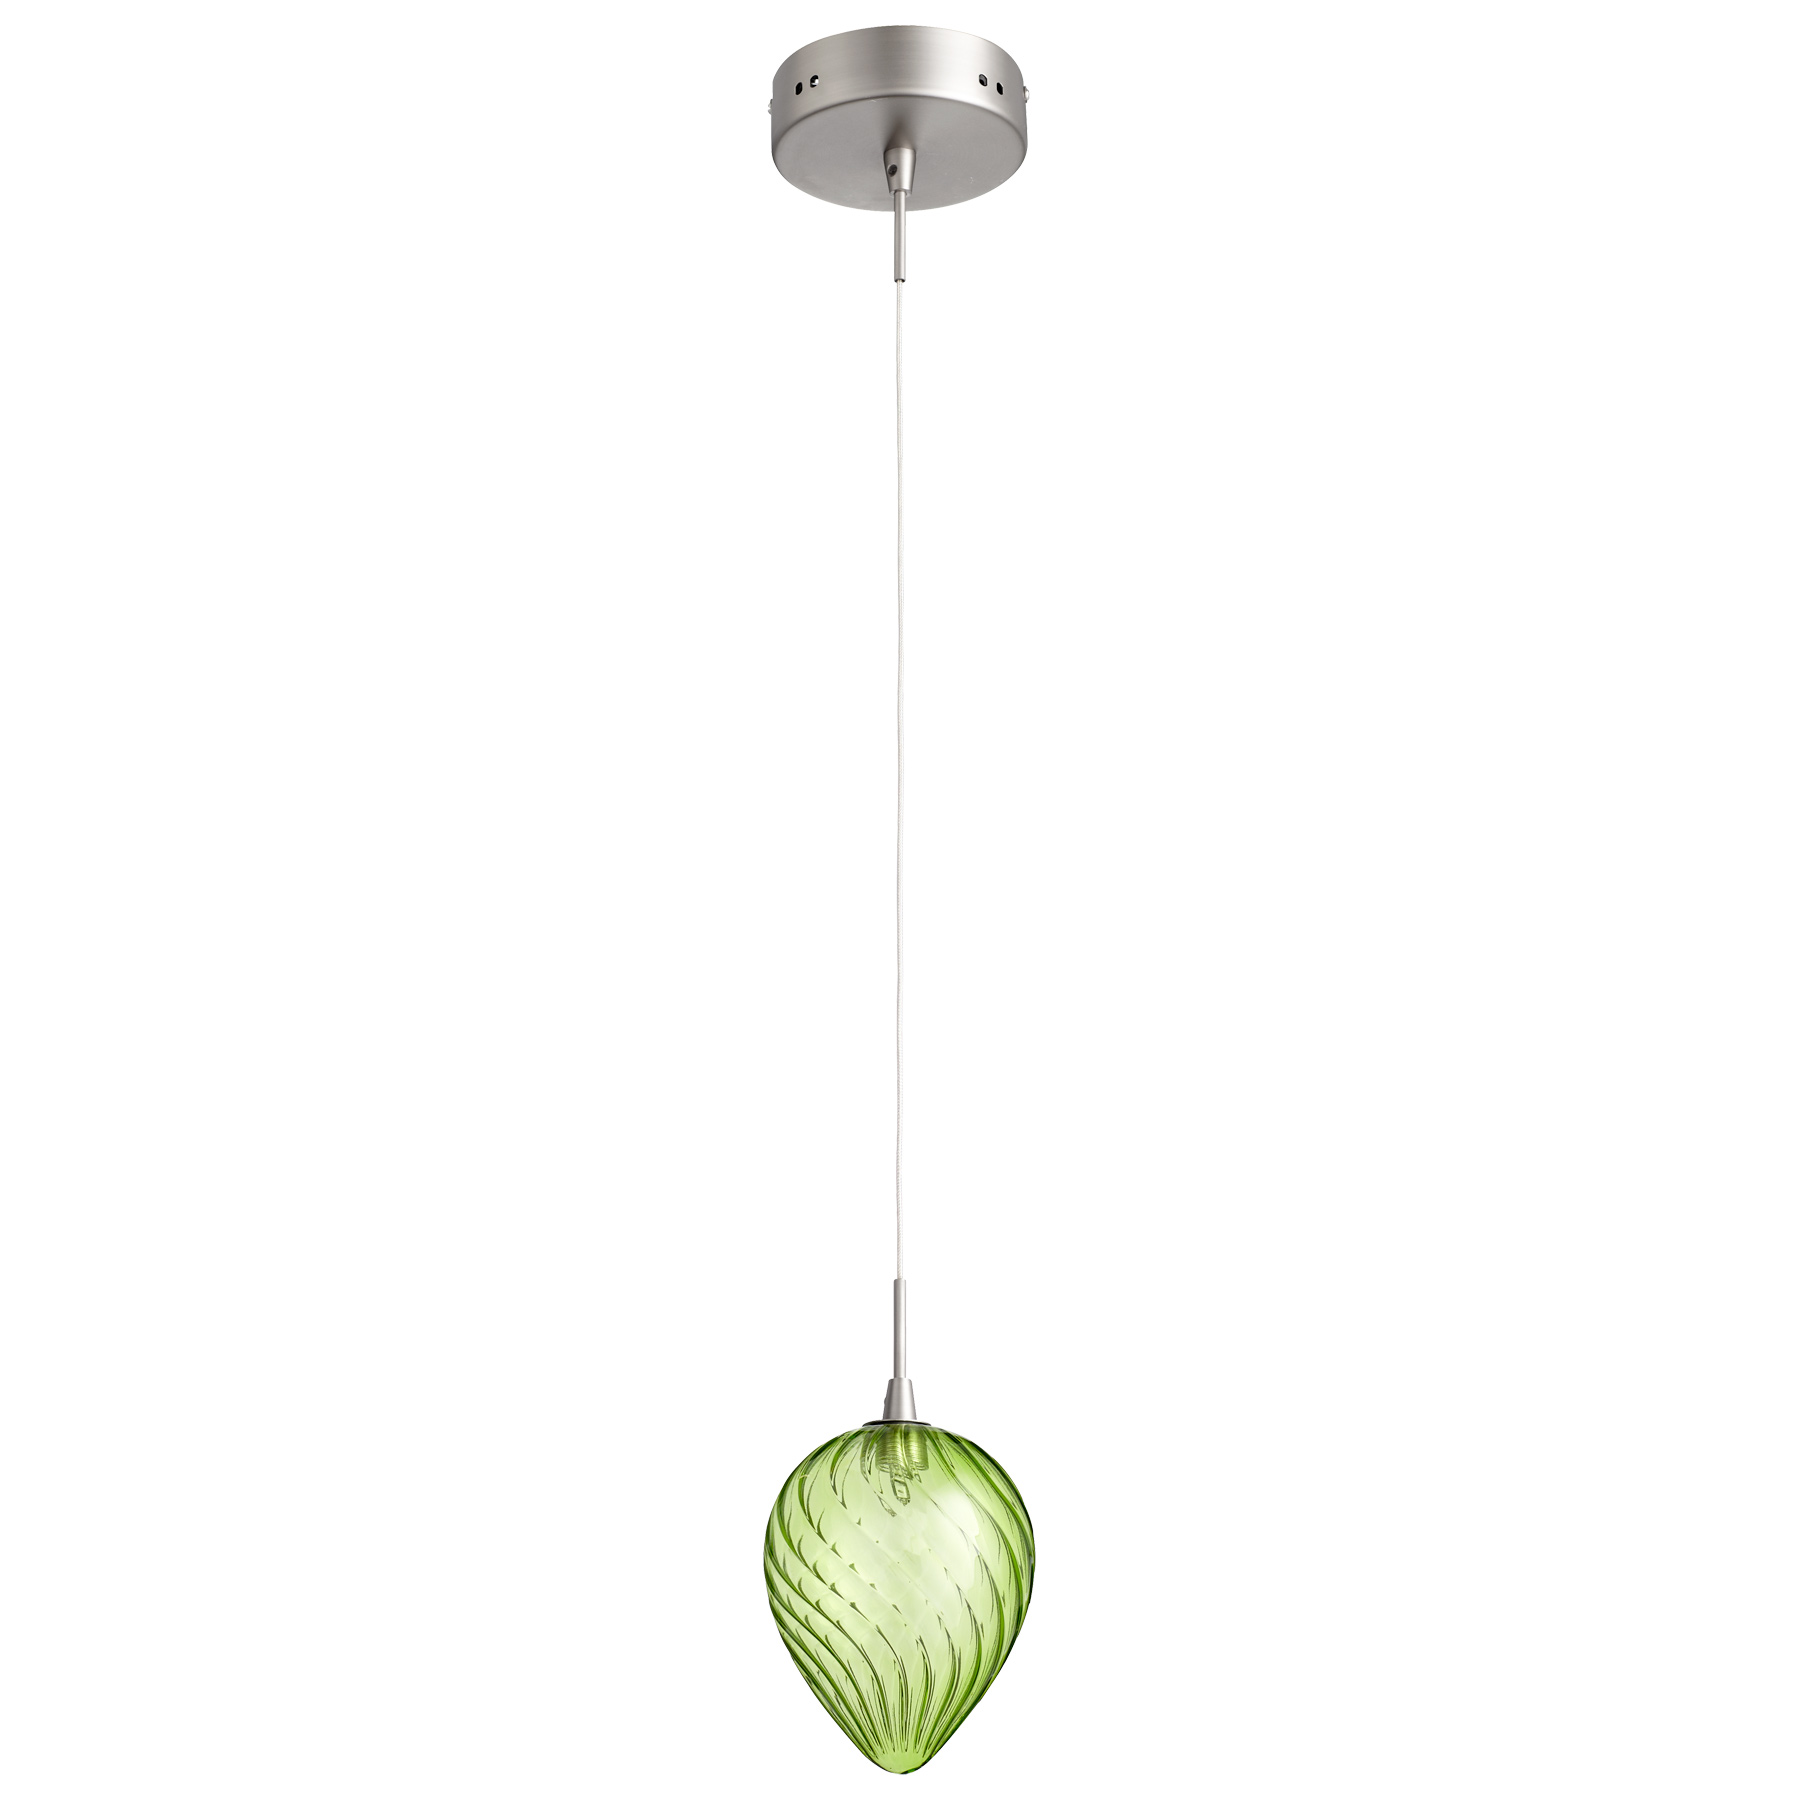 Pendant Lighting Green : Lime green glass pendant light